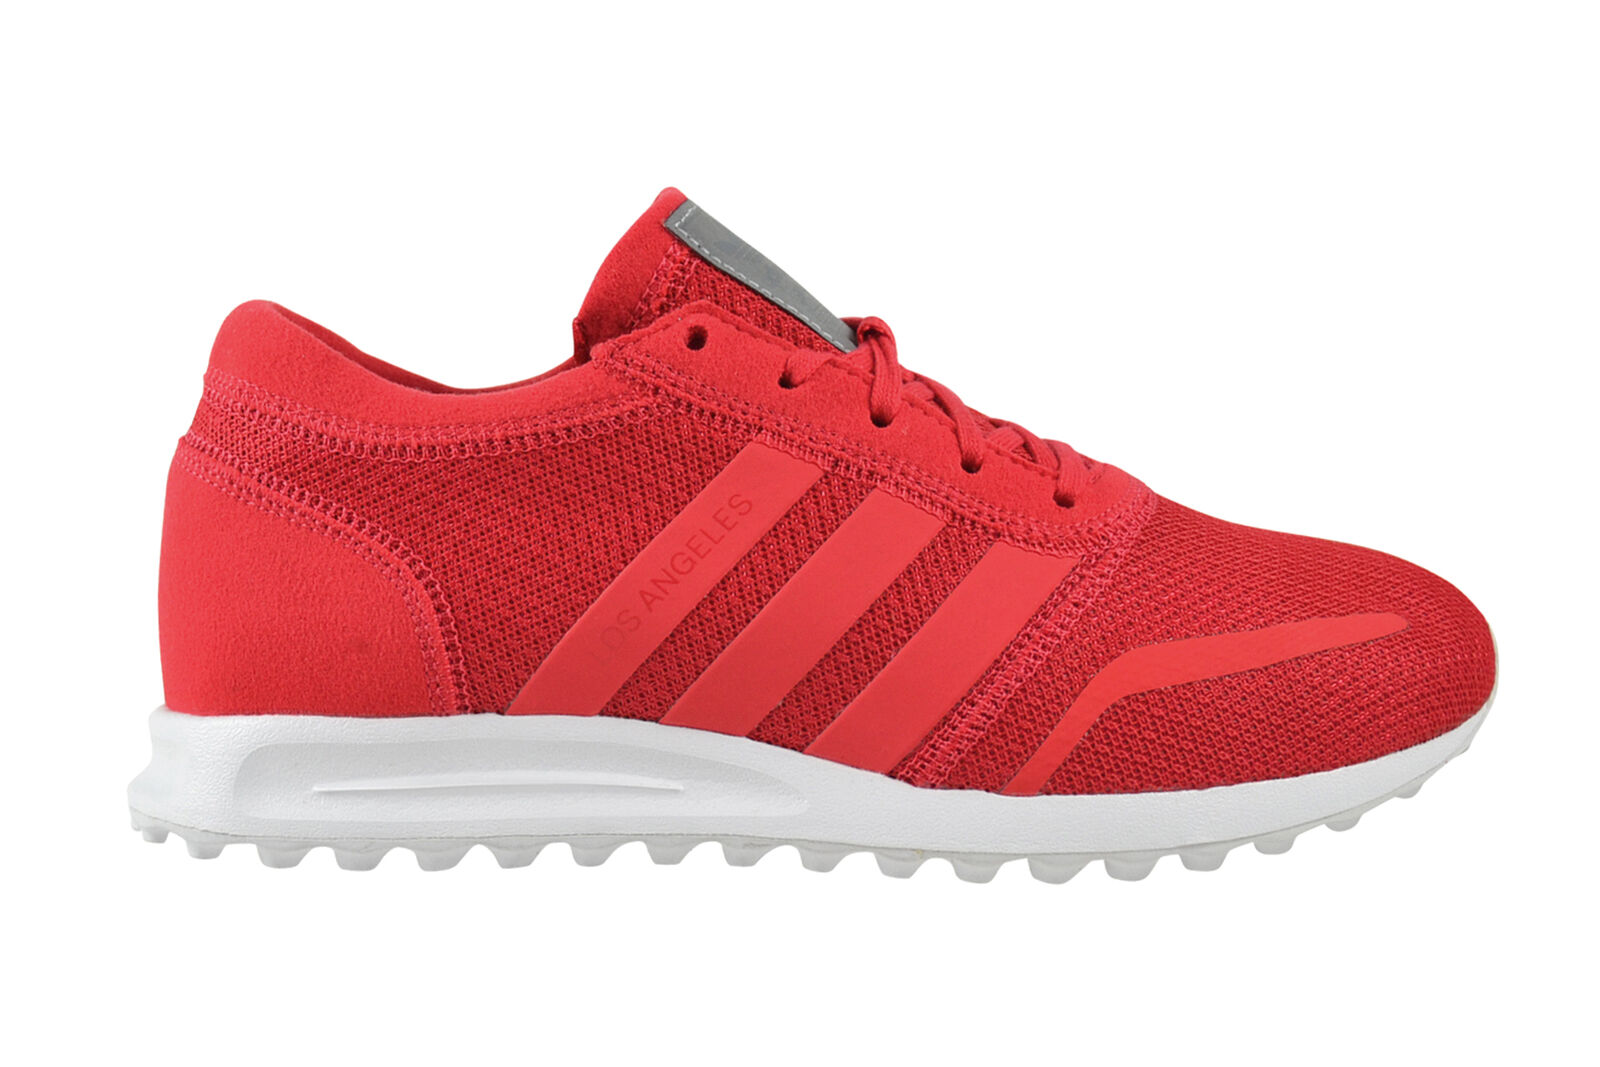 Mode Adidas sneaker Schuhe Sportschuhe gr 41 13 samt